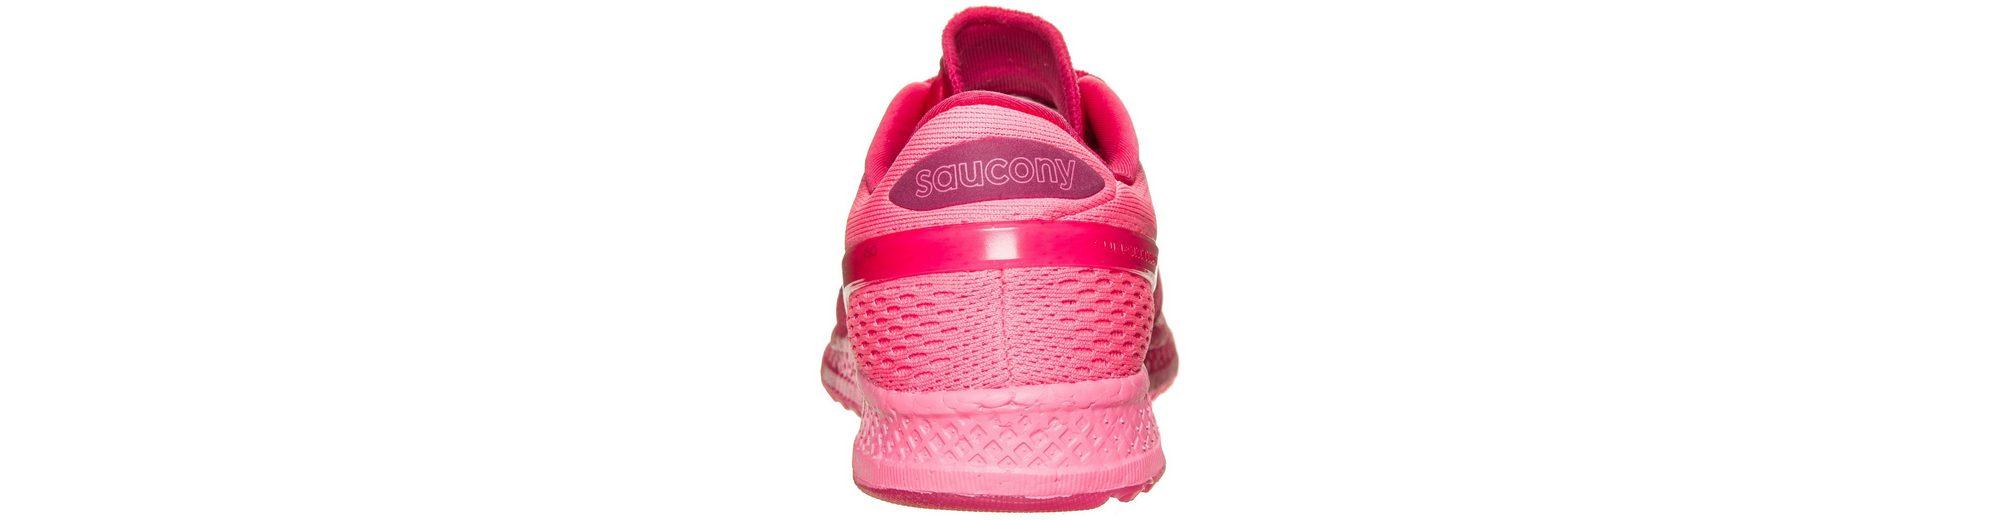 SAUCONY Freedom ISO Laufschuh Damen Günstig Kaufen Besten Großhandel Fälschung Unisex Steckdose Am Besten GUlz1M